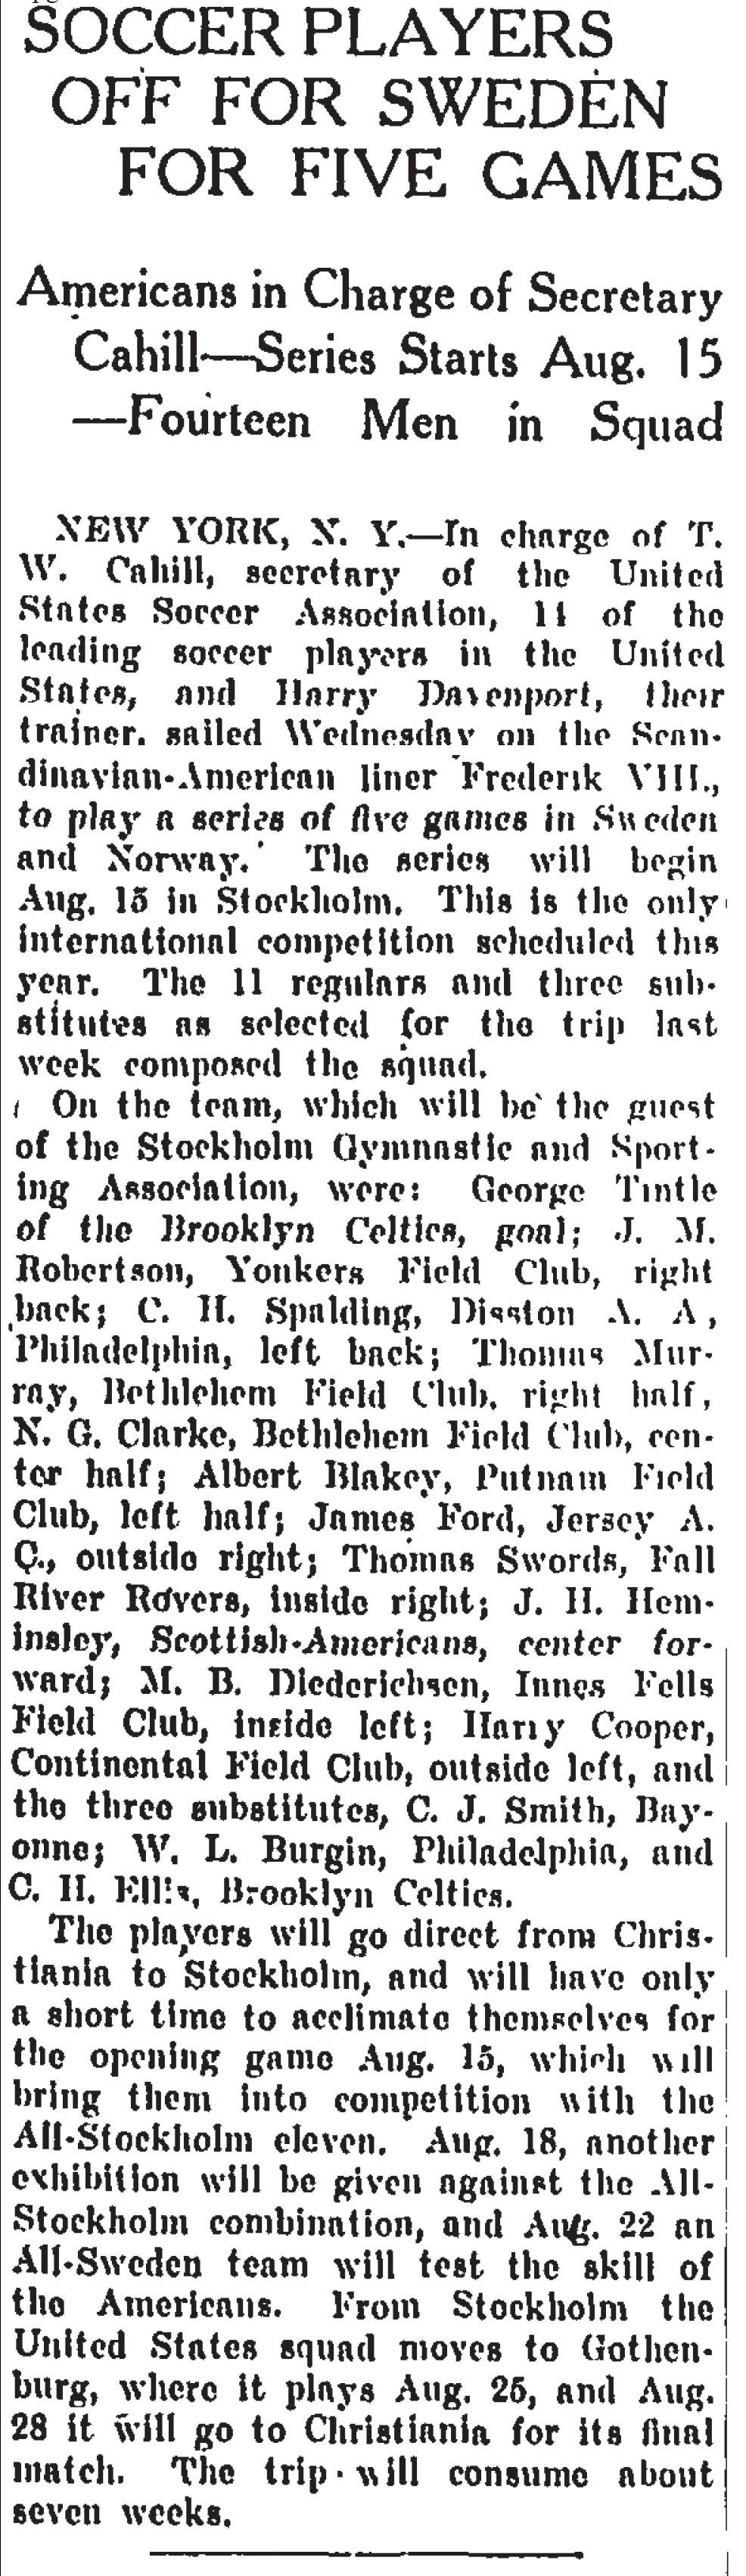 July 27, 1916 (Christian Science Monitor) USMNT departs for Sweden